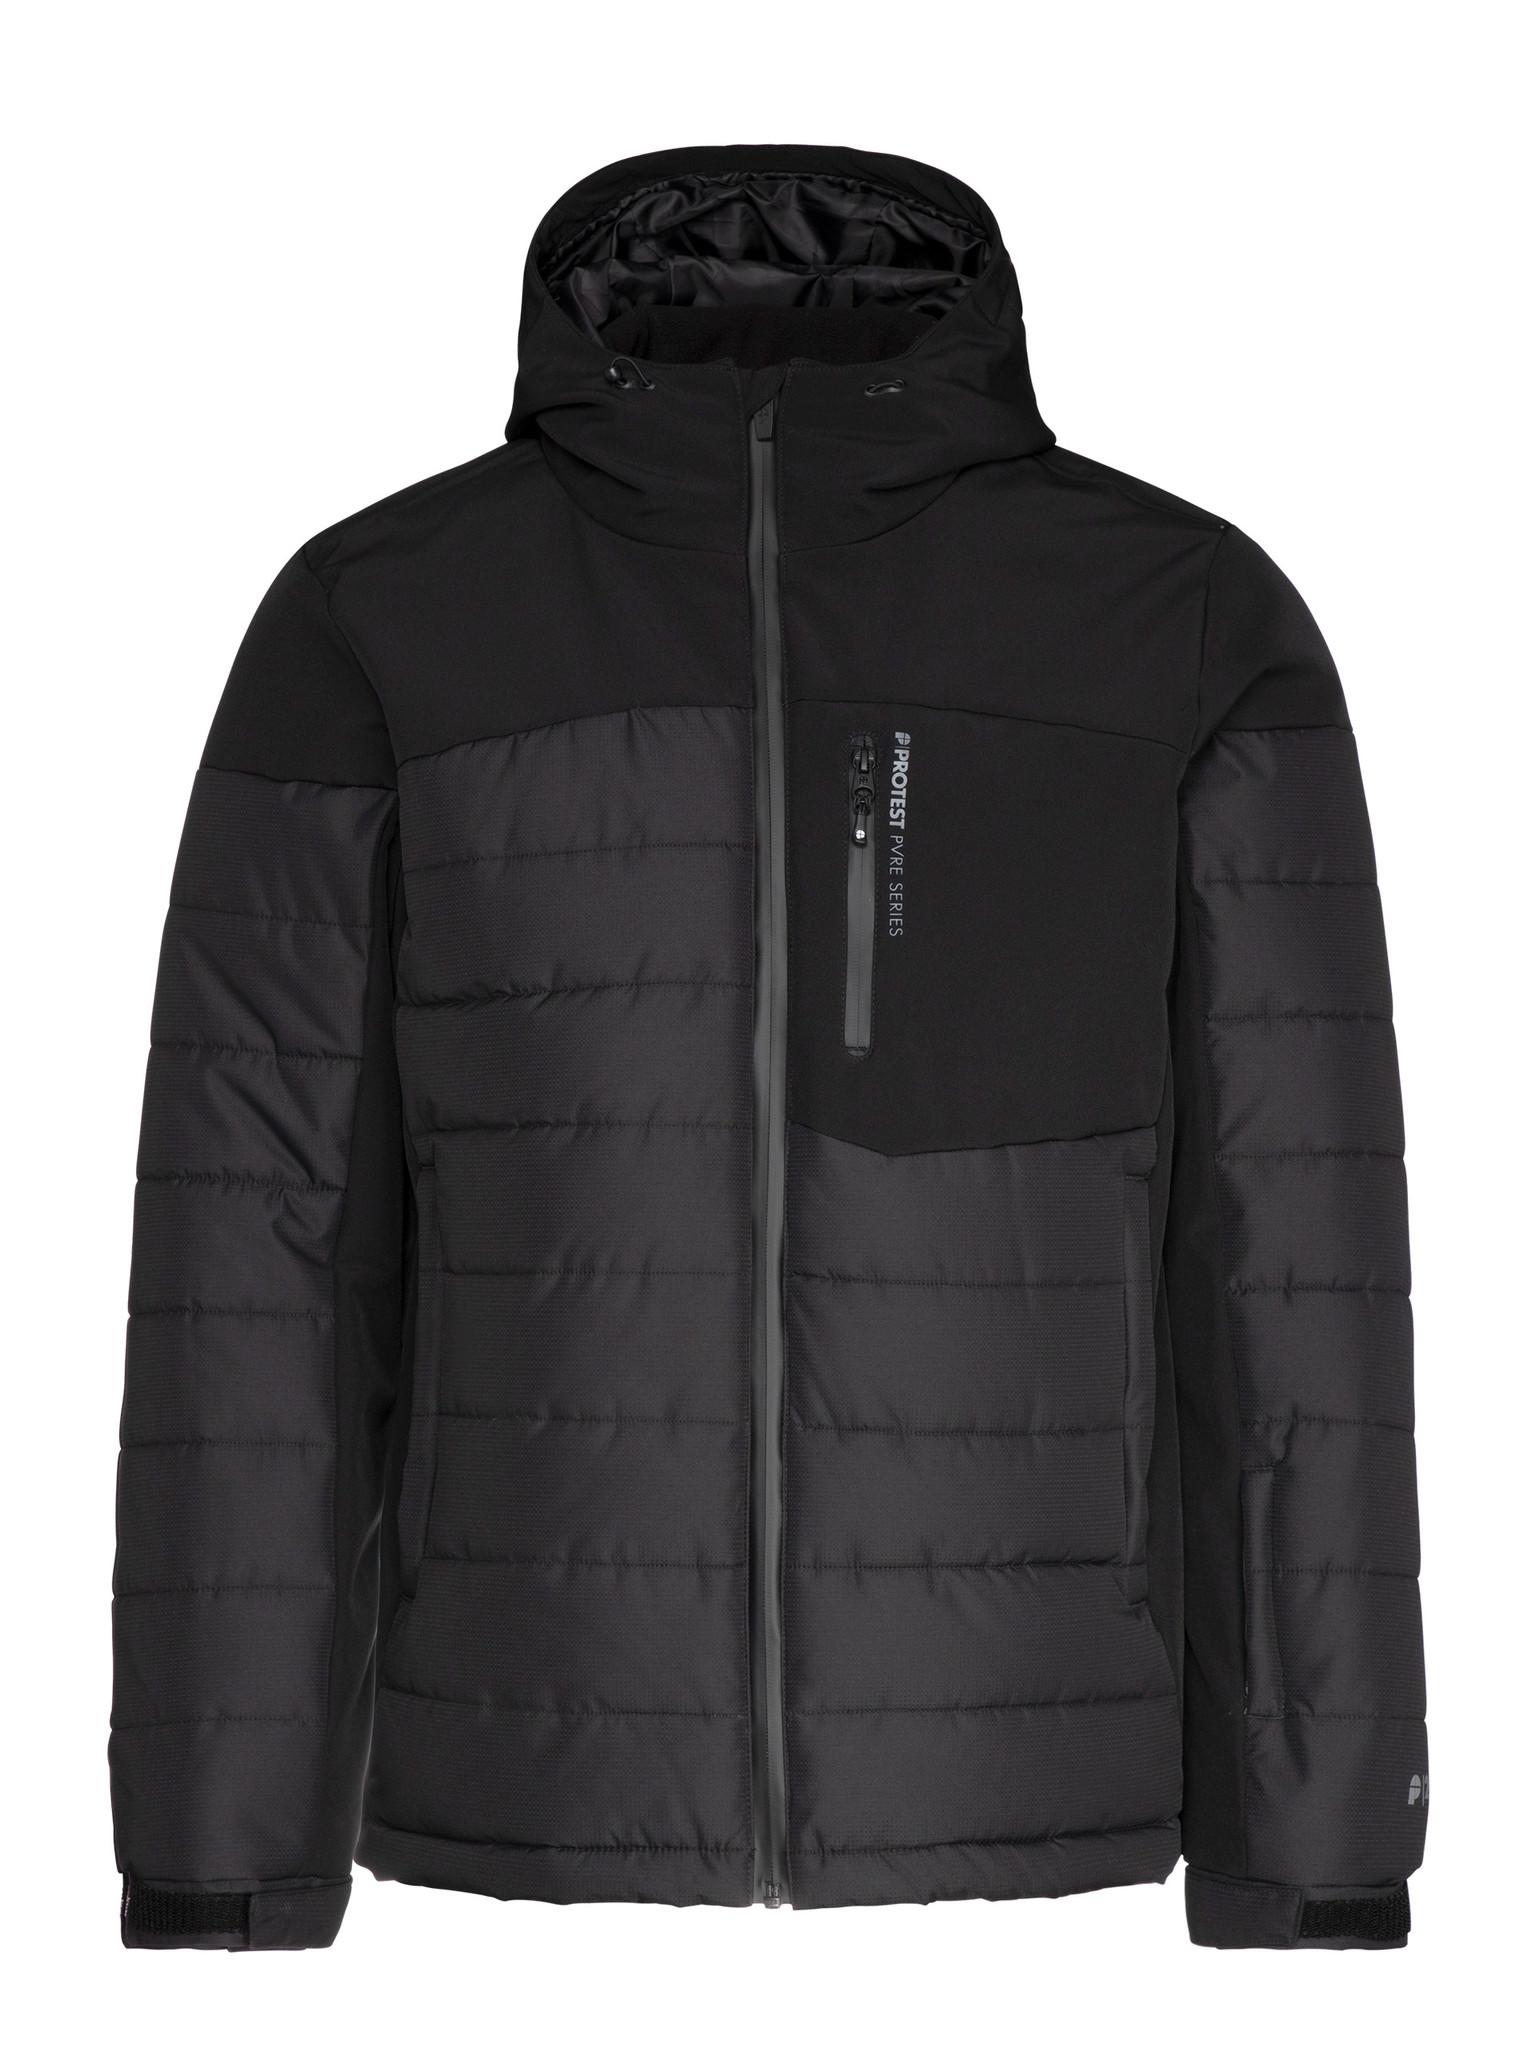 Protest Protest Mount jacket black